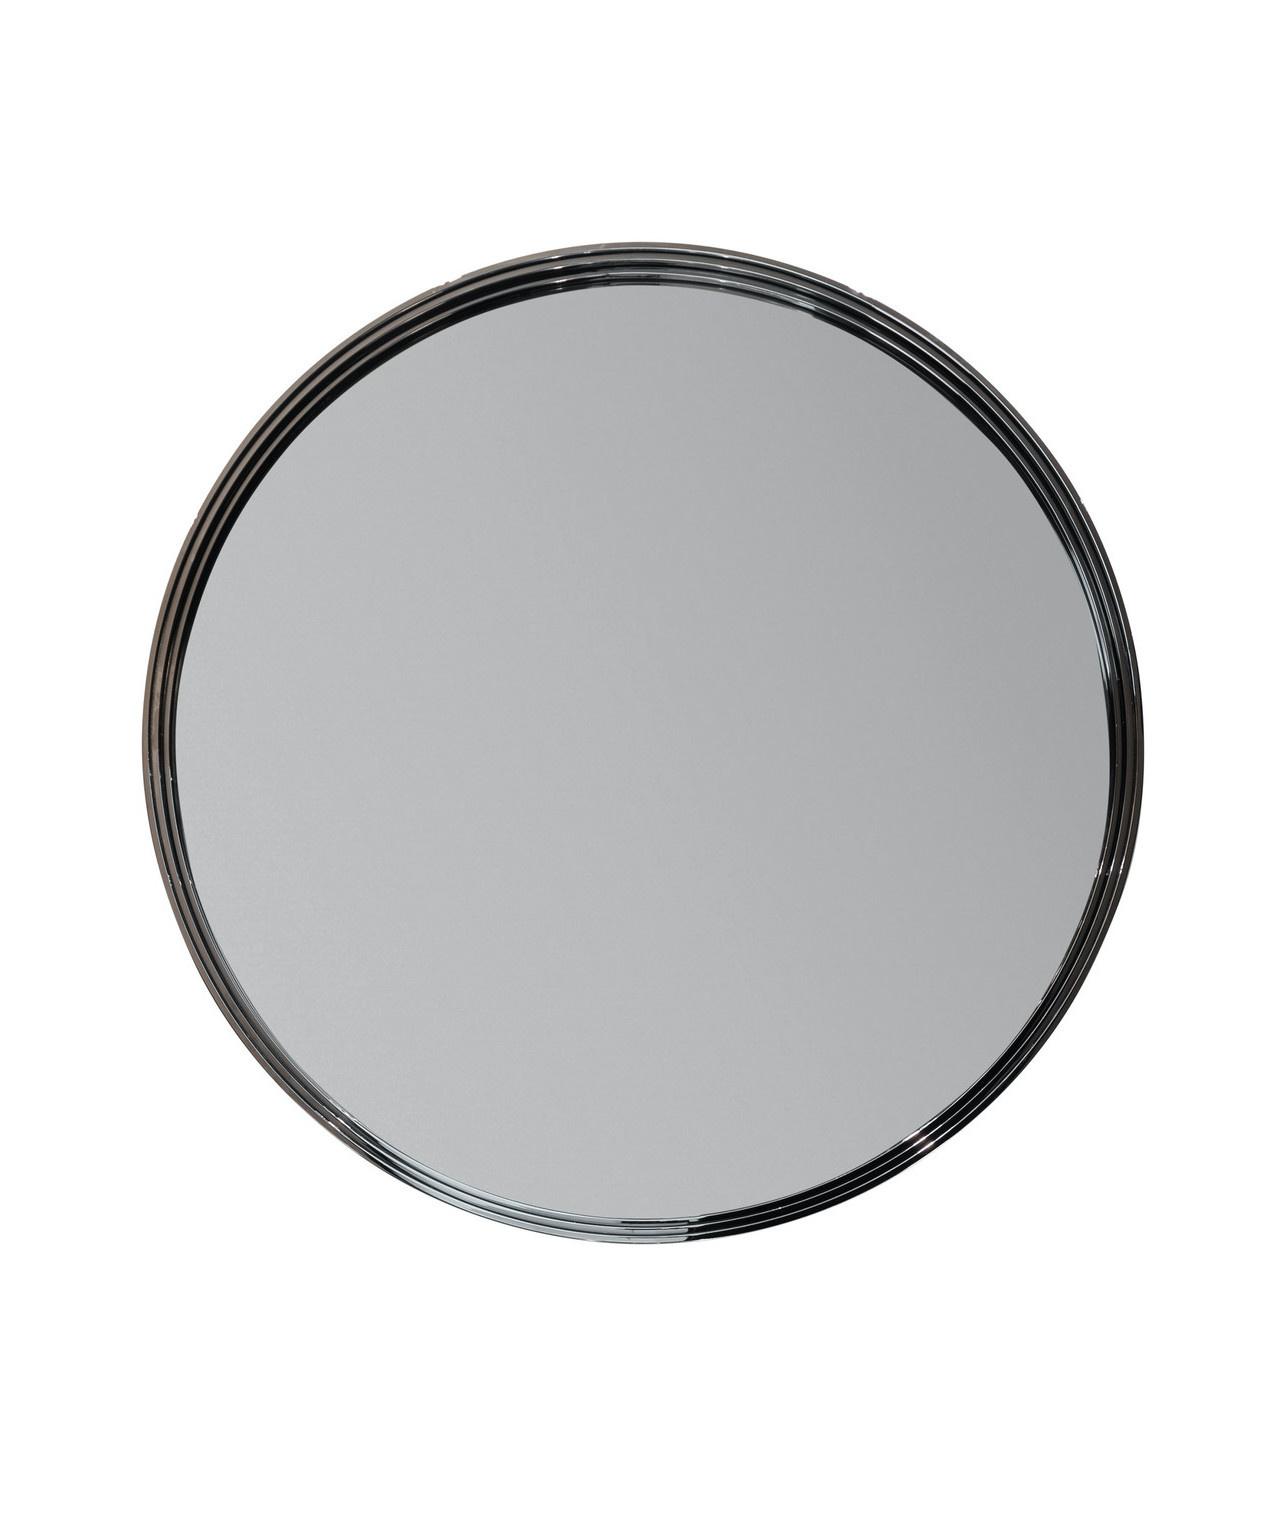 Gianni mirror 120 gun black-1